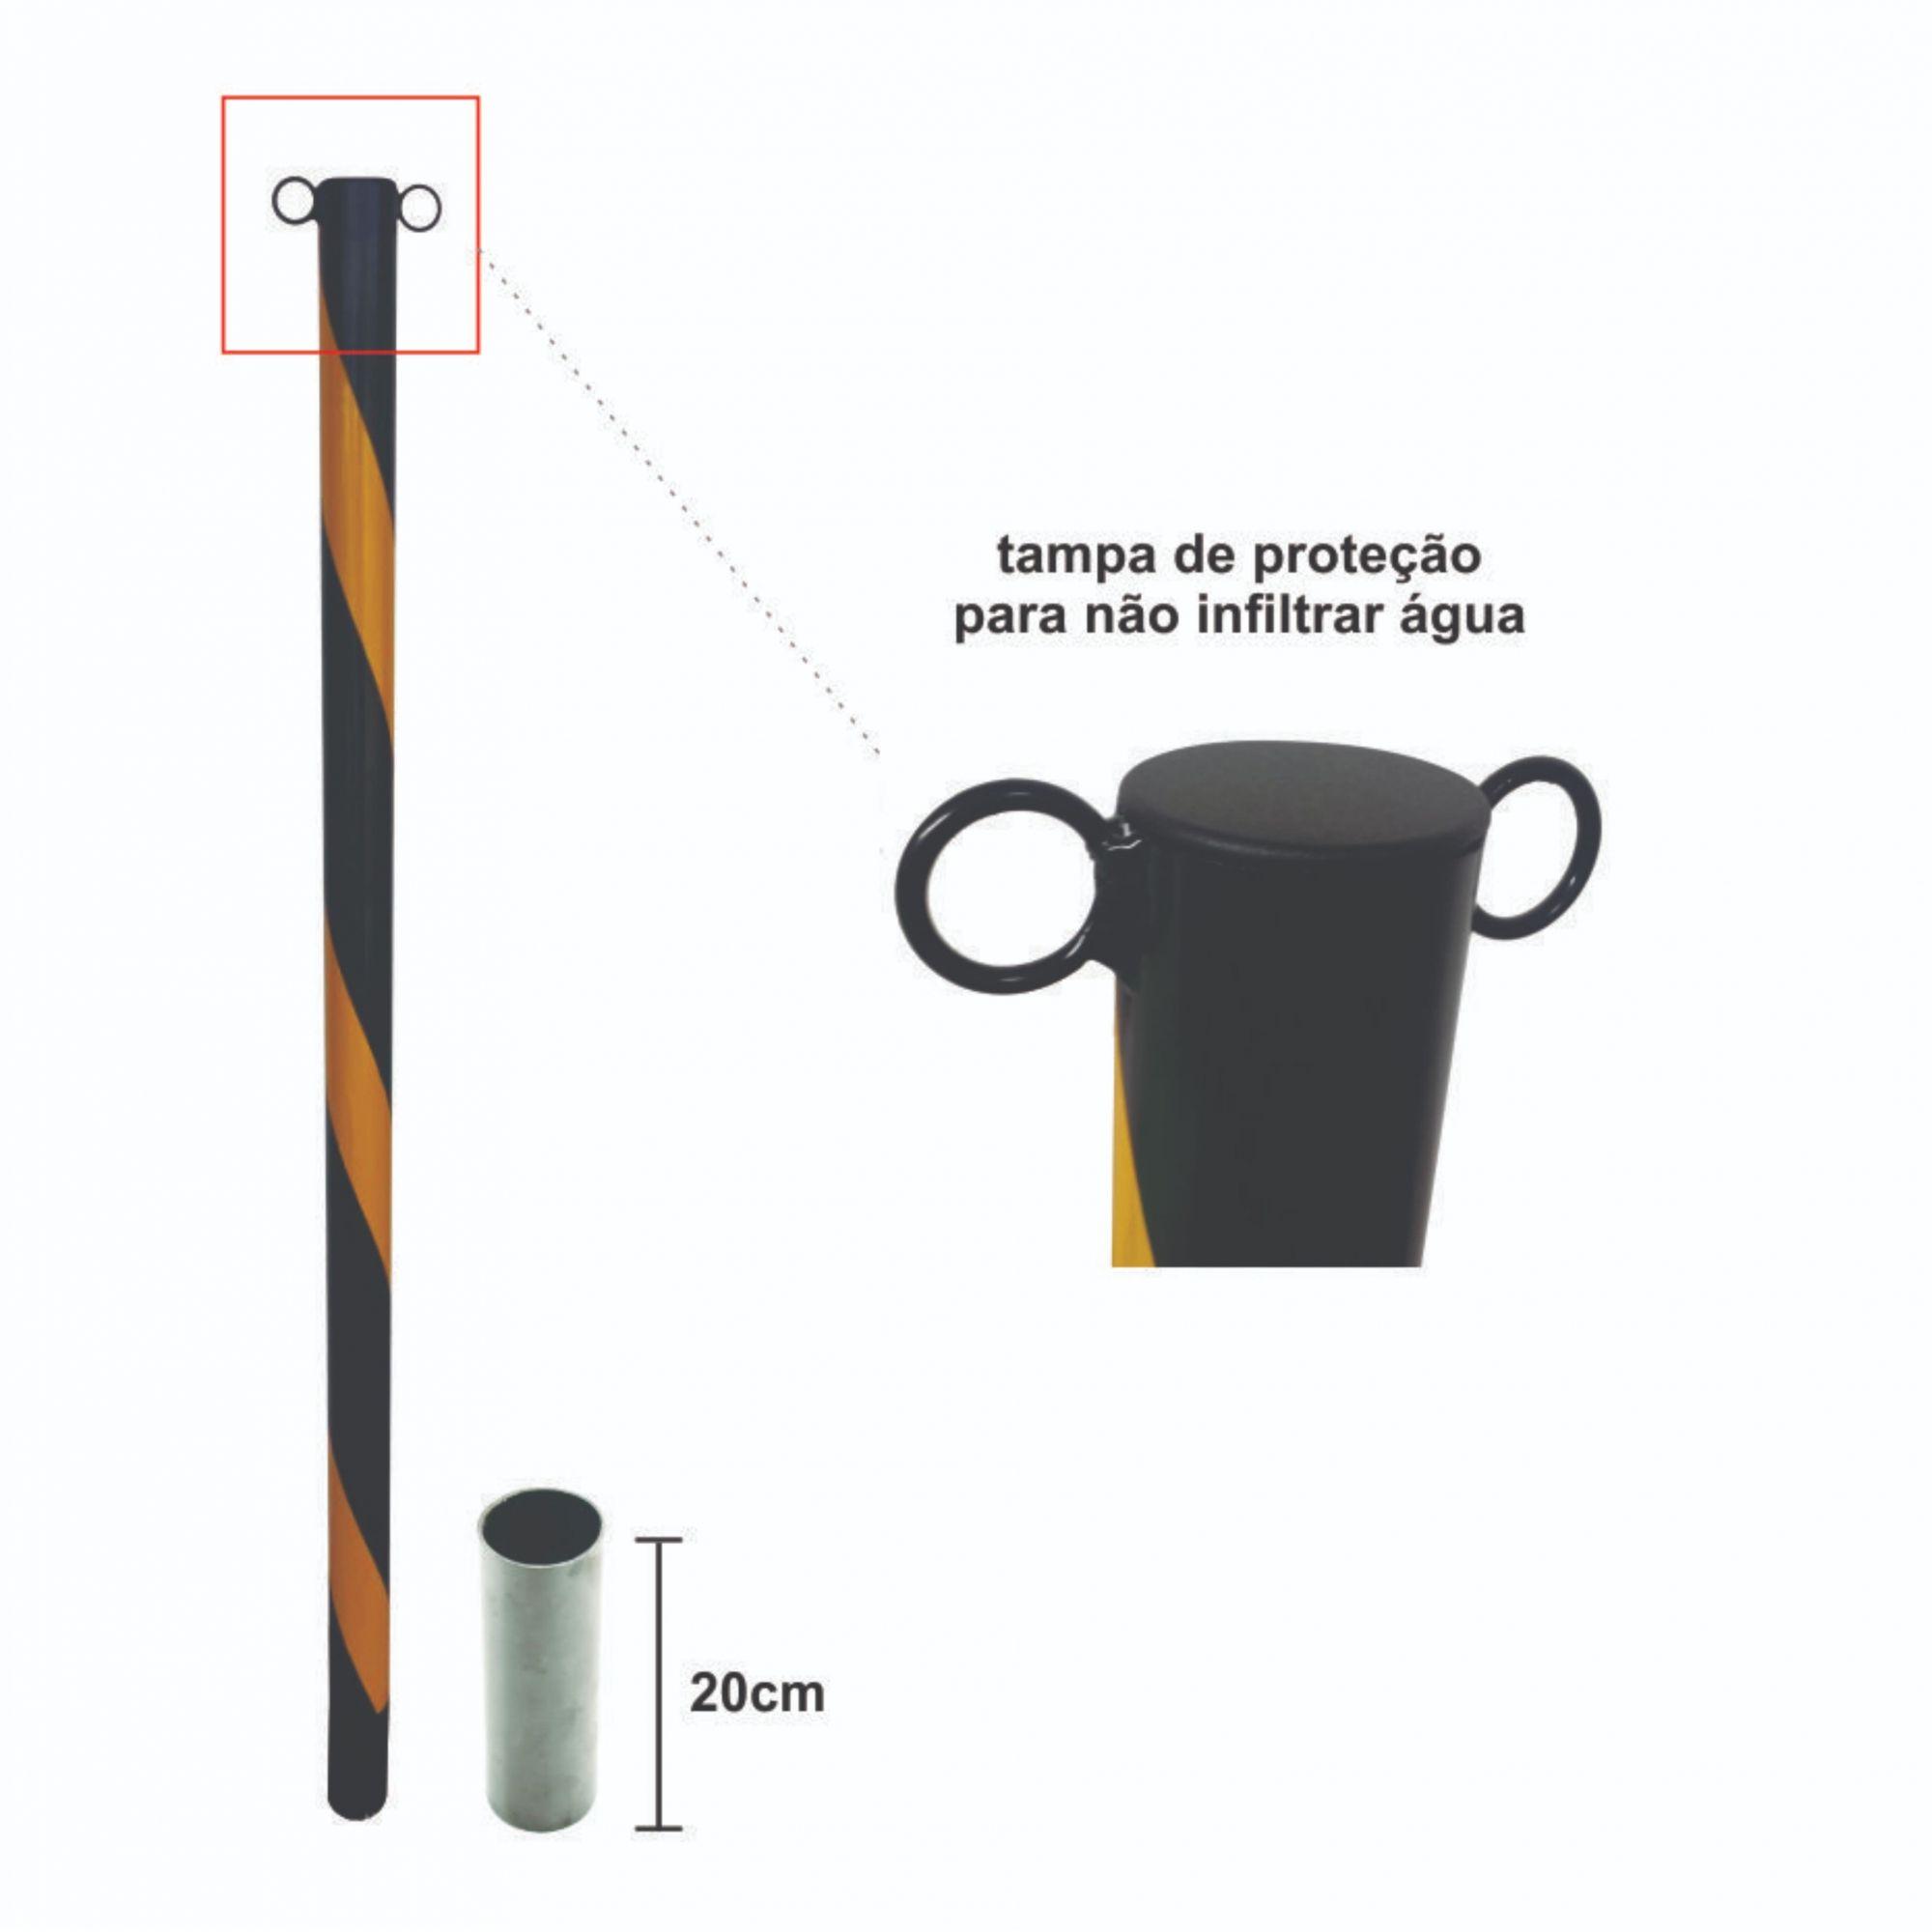 Poste demarcador de estacionamento móvel  - Towbar Sinalização de Segurança